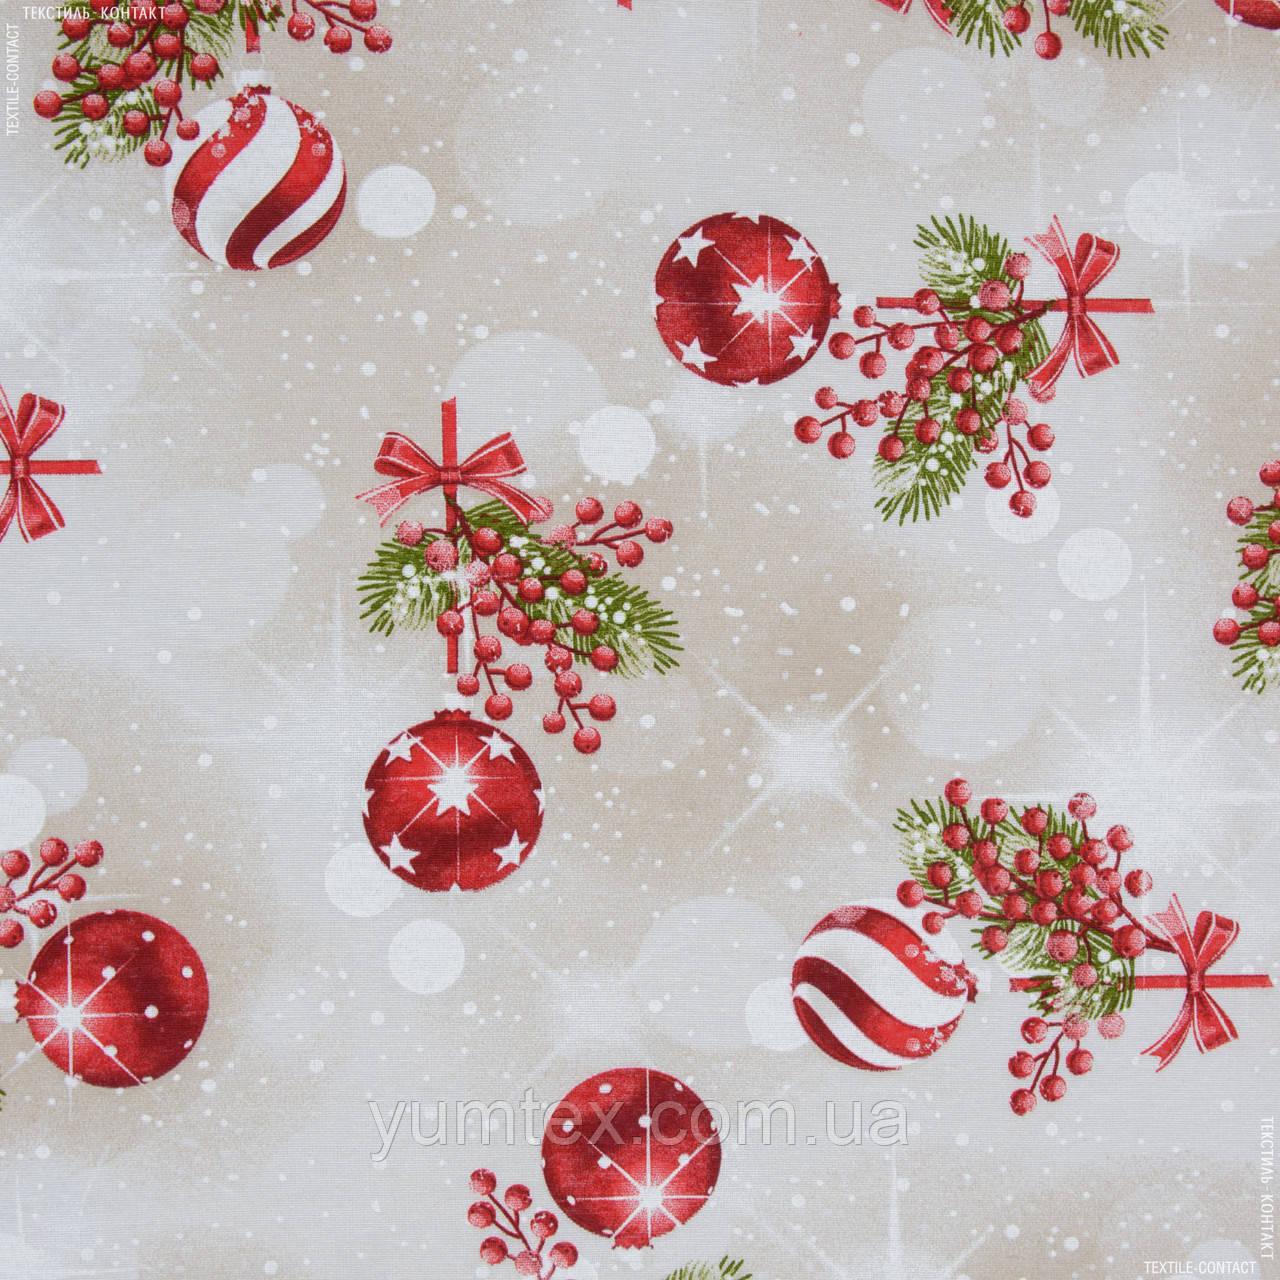 Новогодняя ткань купить ткань для сит купить в минске